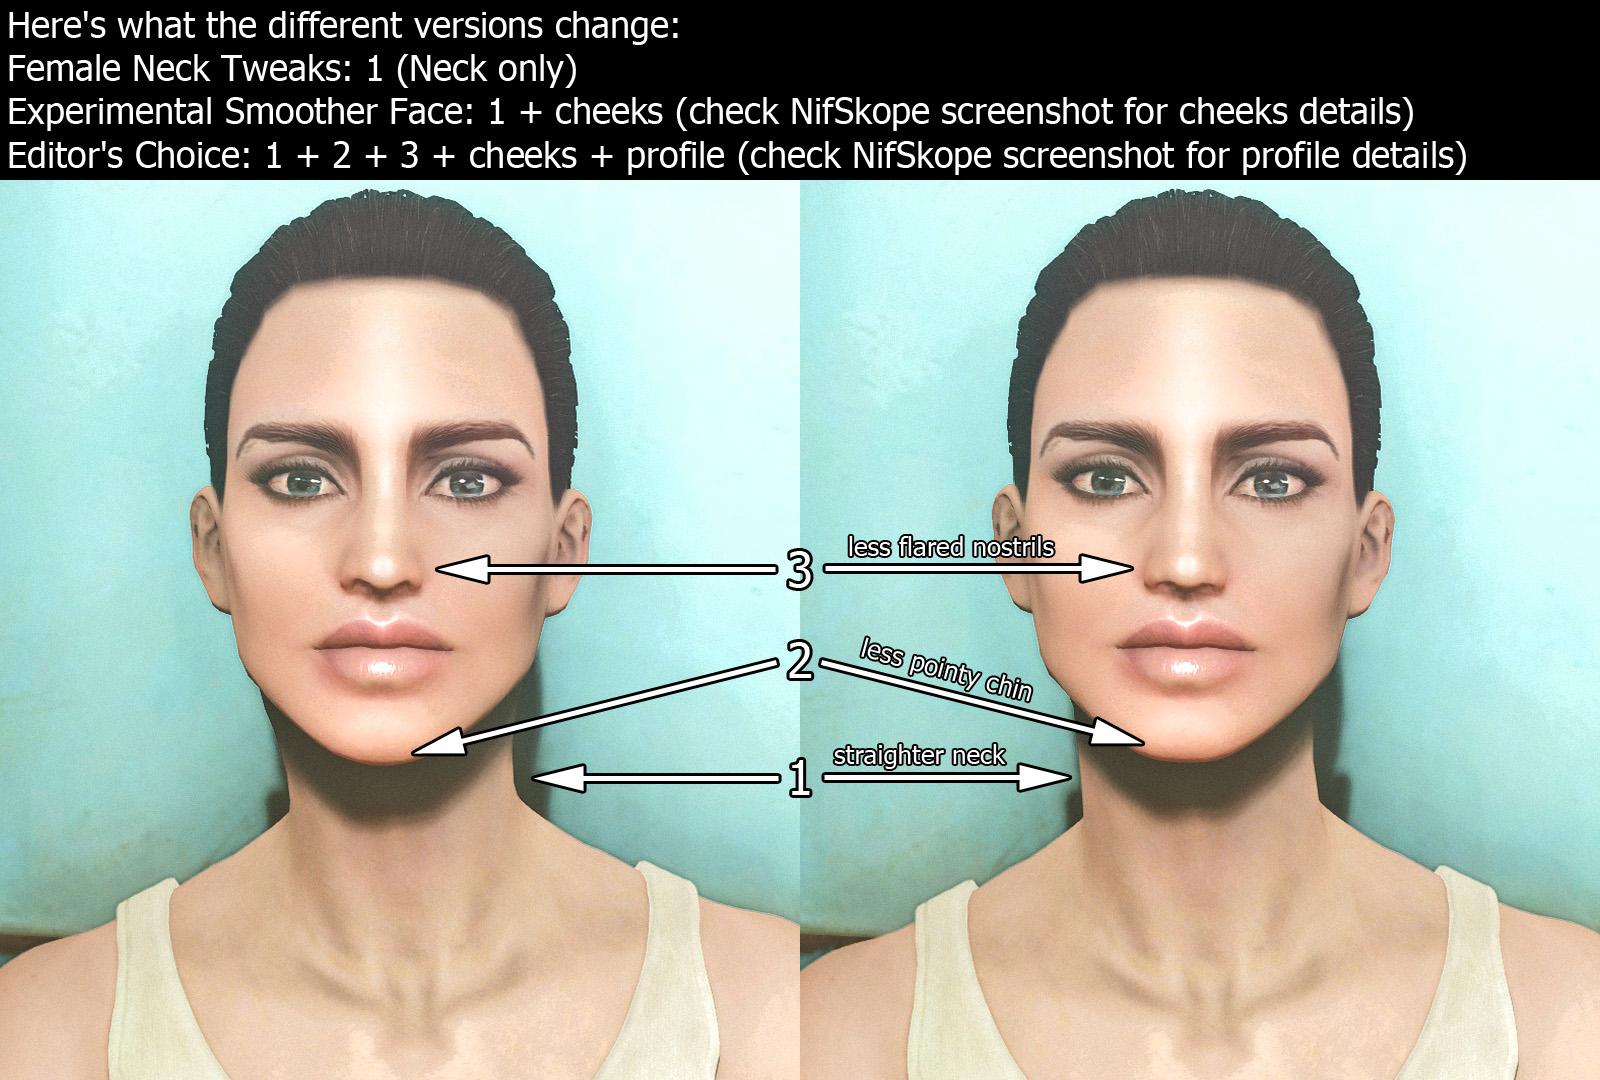 Female Neck Tweaks